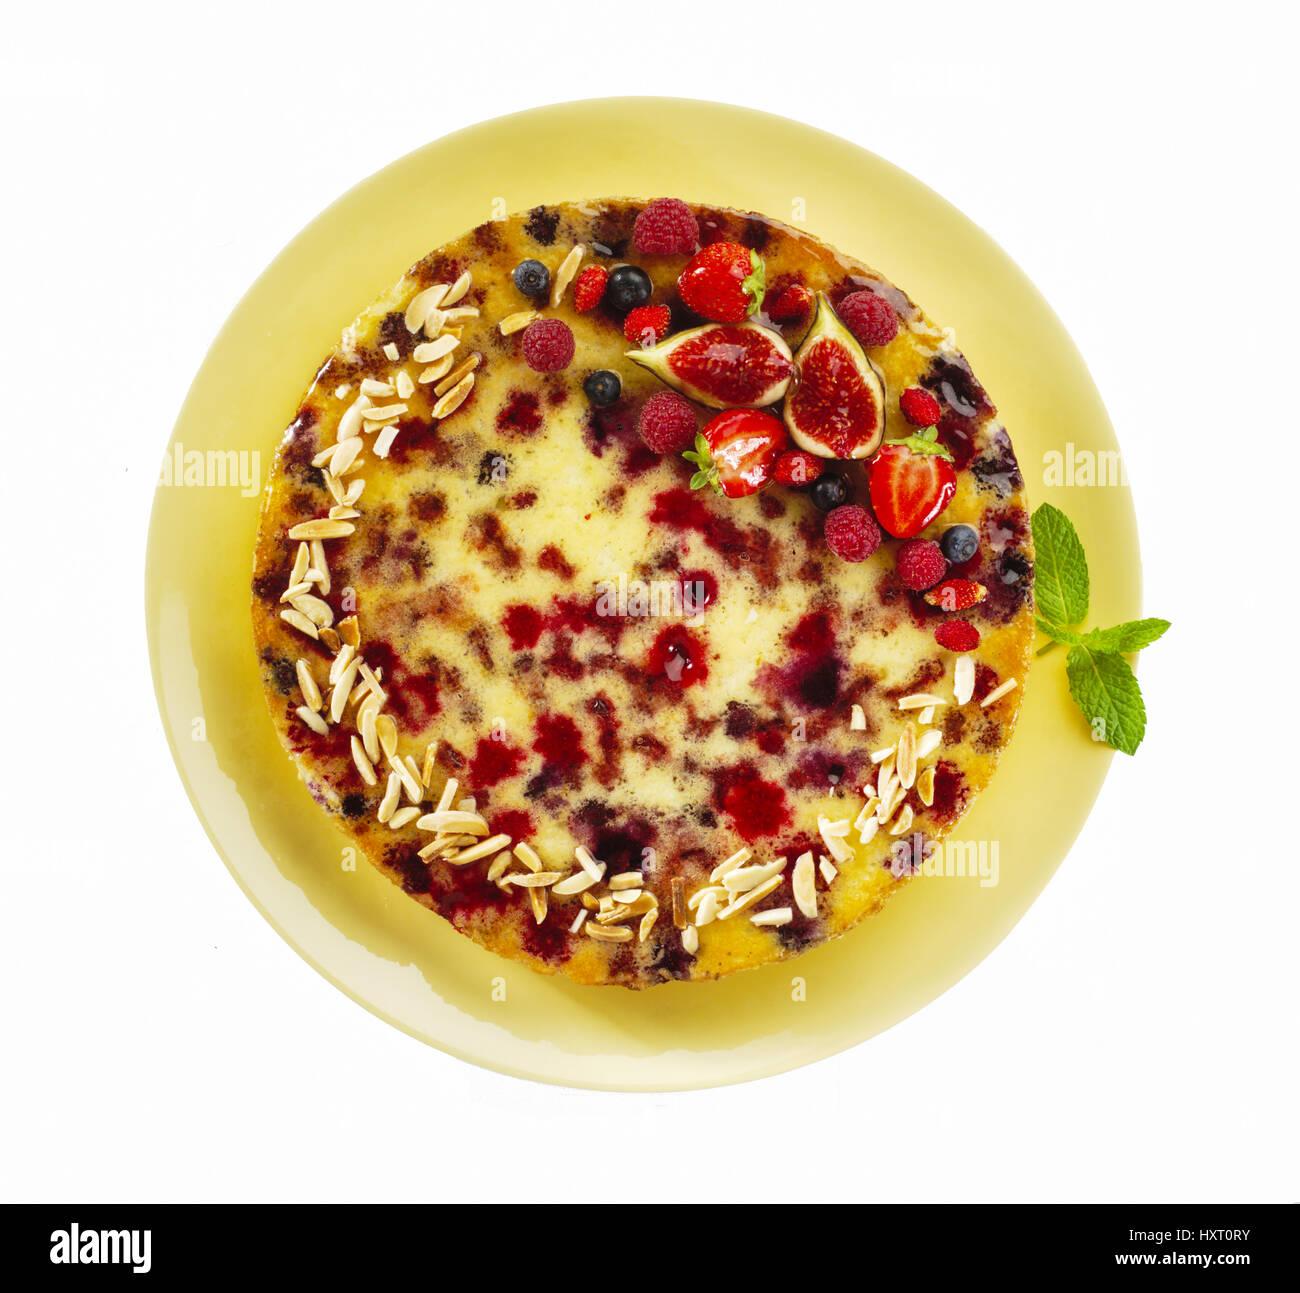 Pastel de frutas rojas y crema visto cenitalmente en Platón amarillo Imagen De Stock